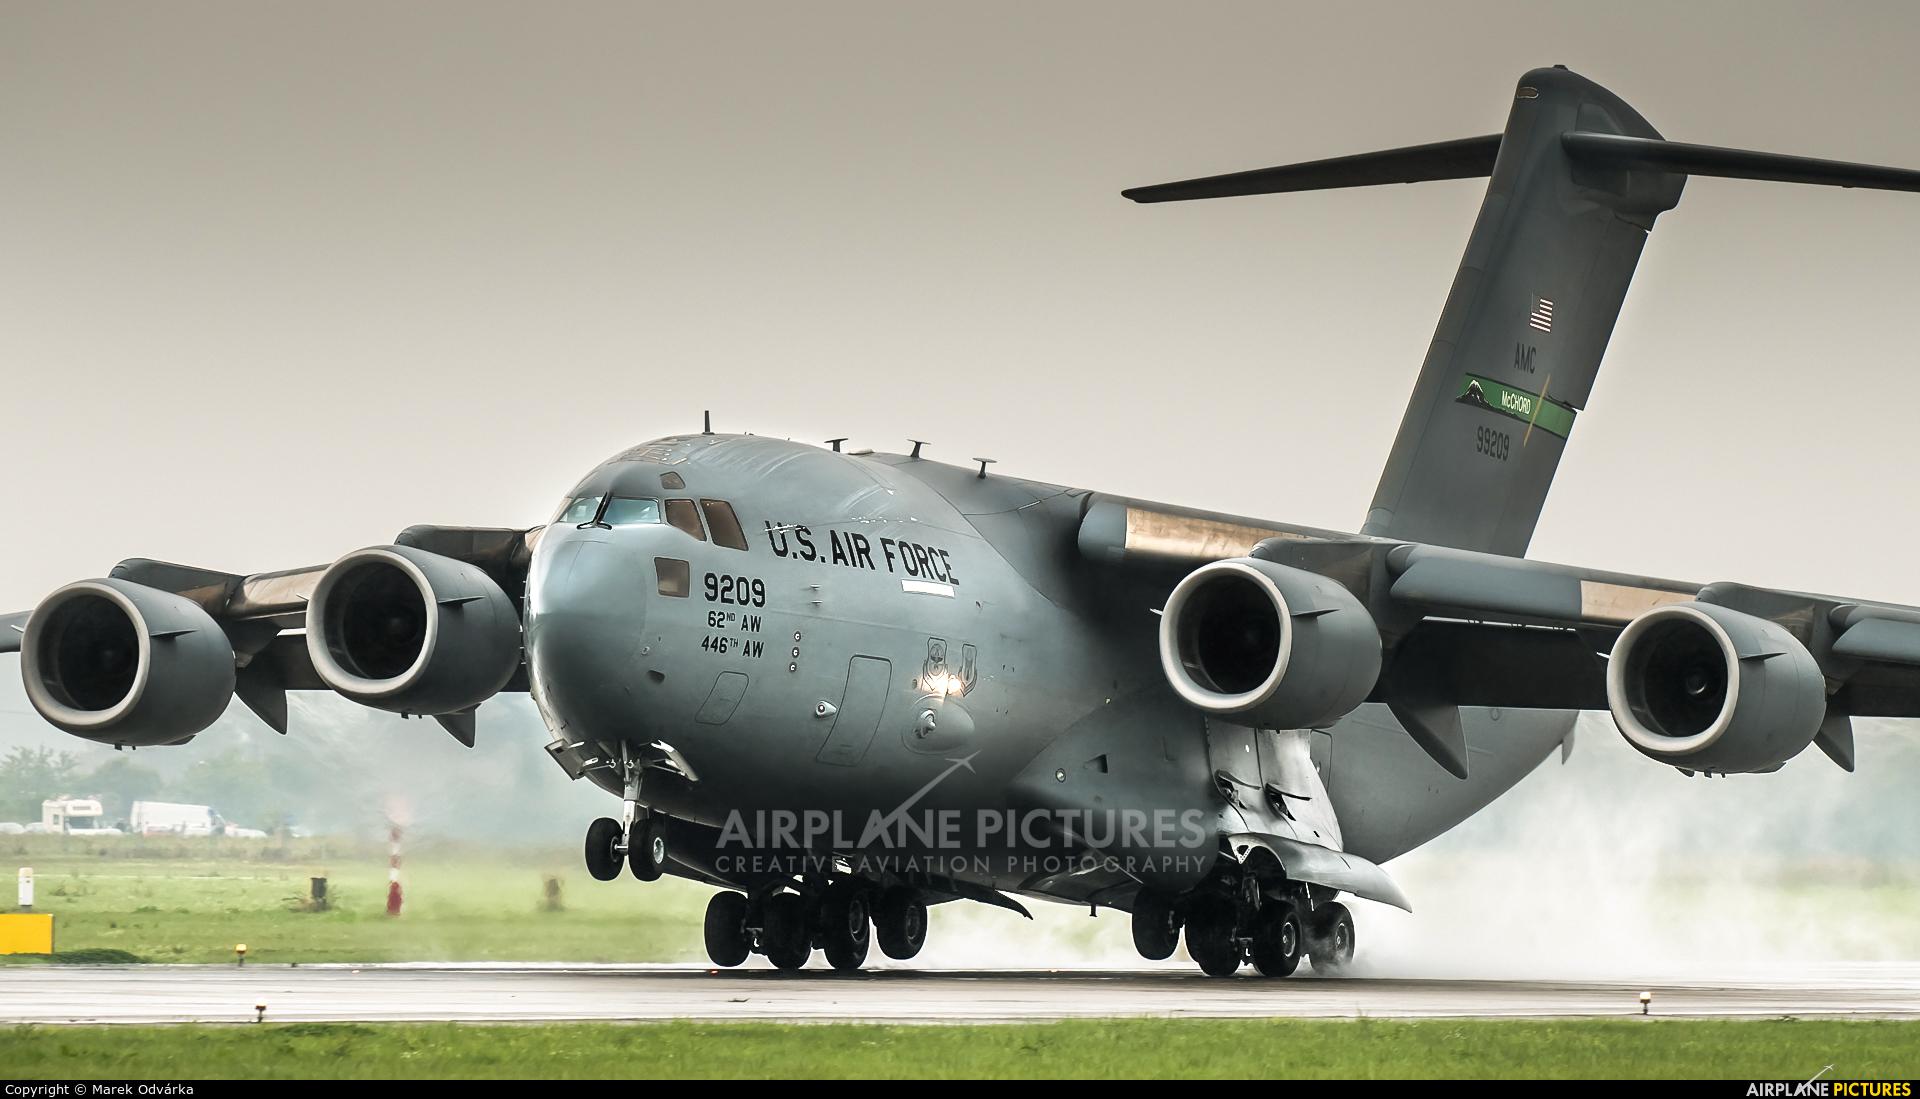 USA - Air Force 09-9209 aircraft at Ostrava Mošnov